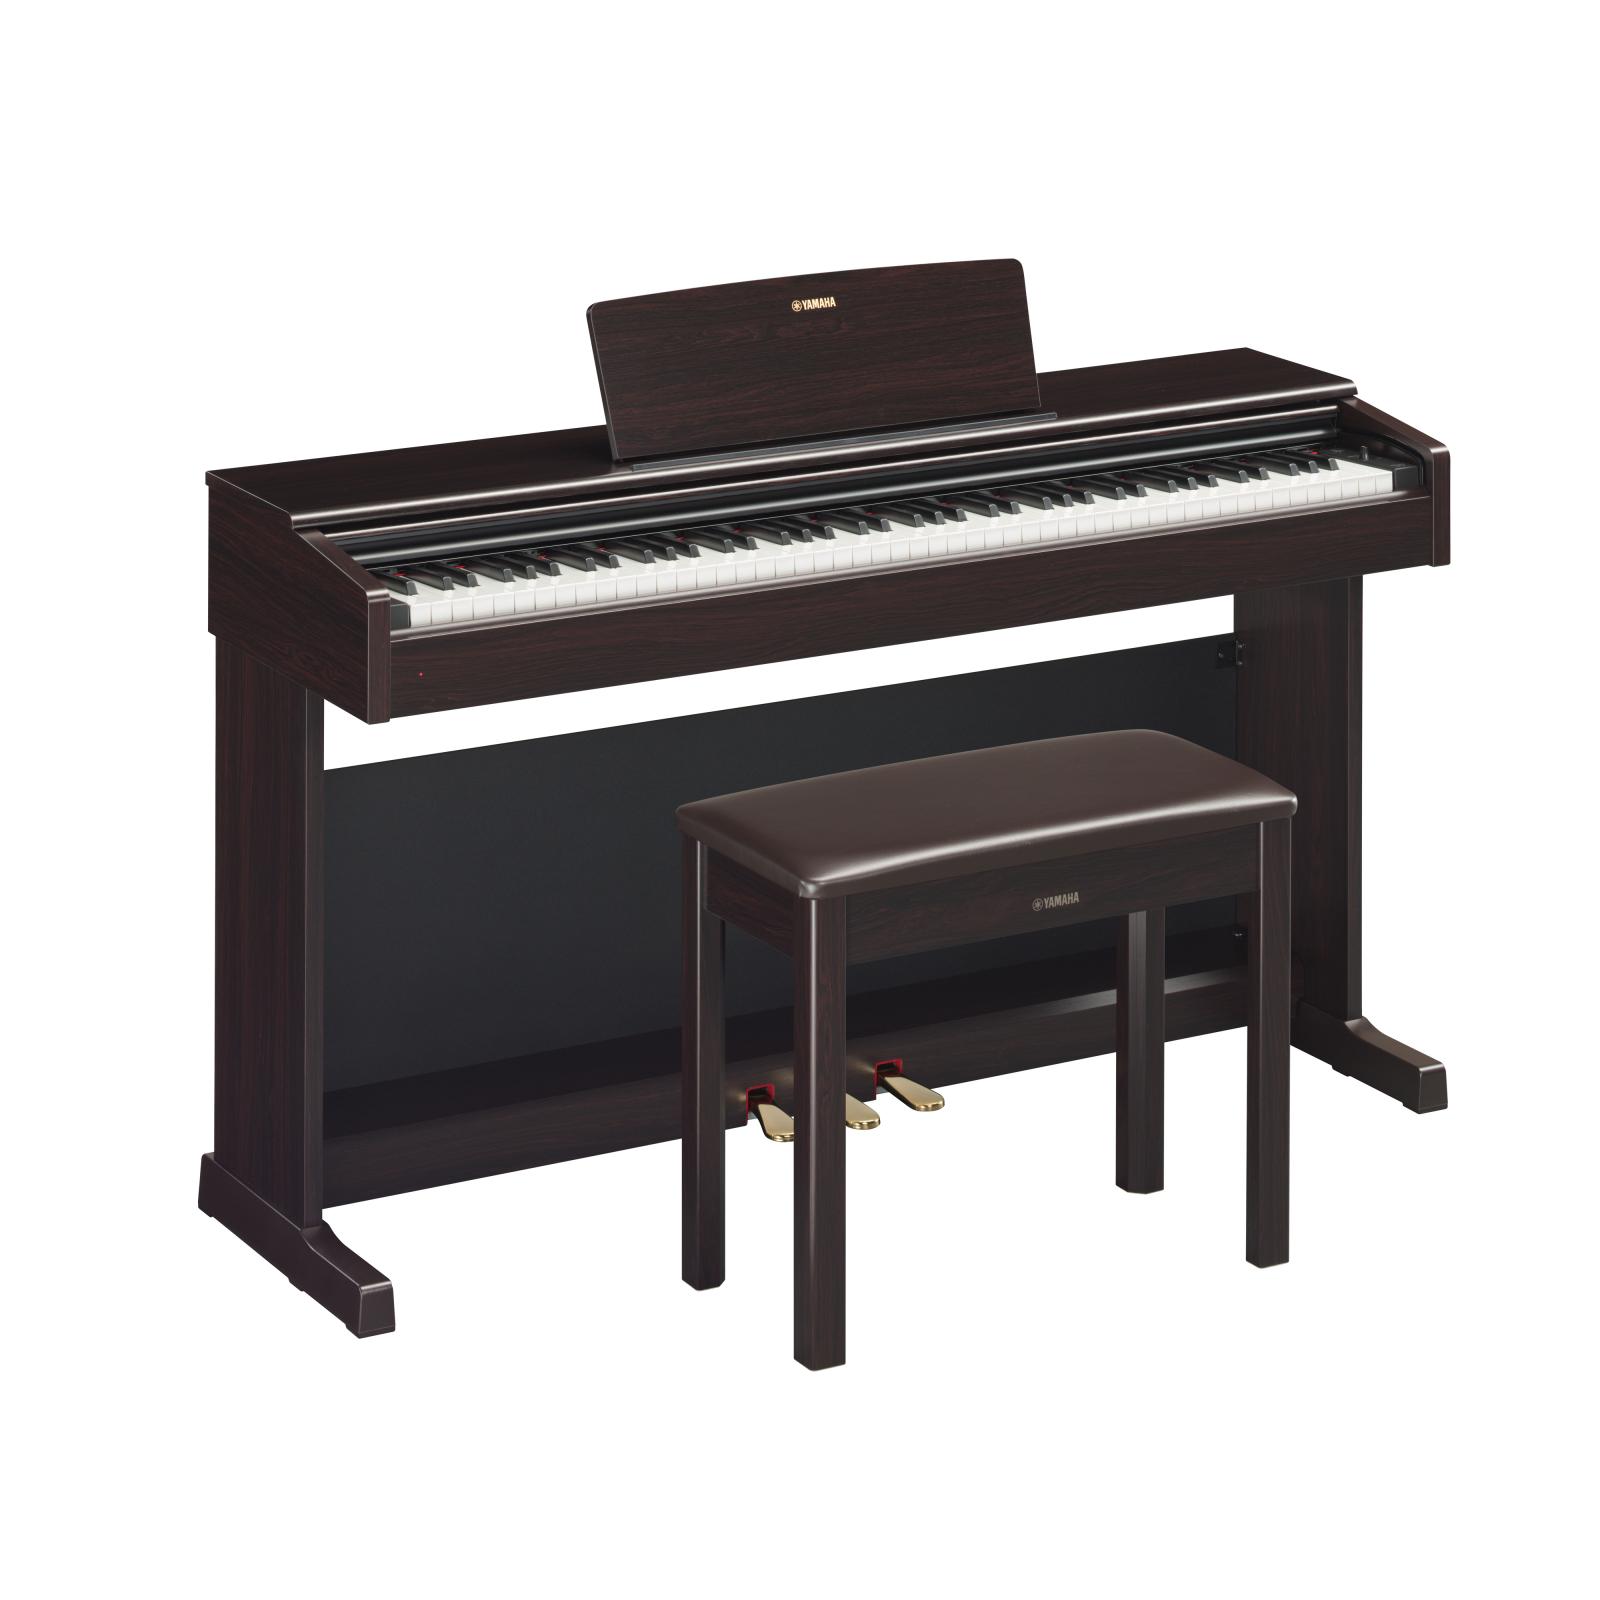 Yamaha YDP-144R ARIUS digital piano - Rosewood - Display model